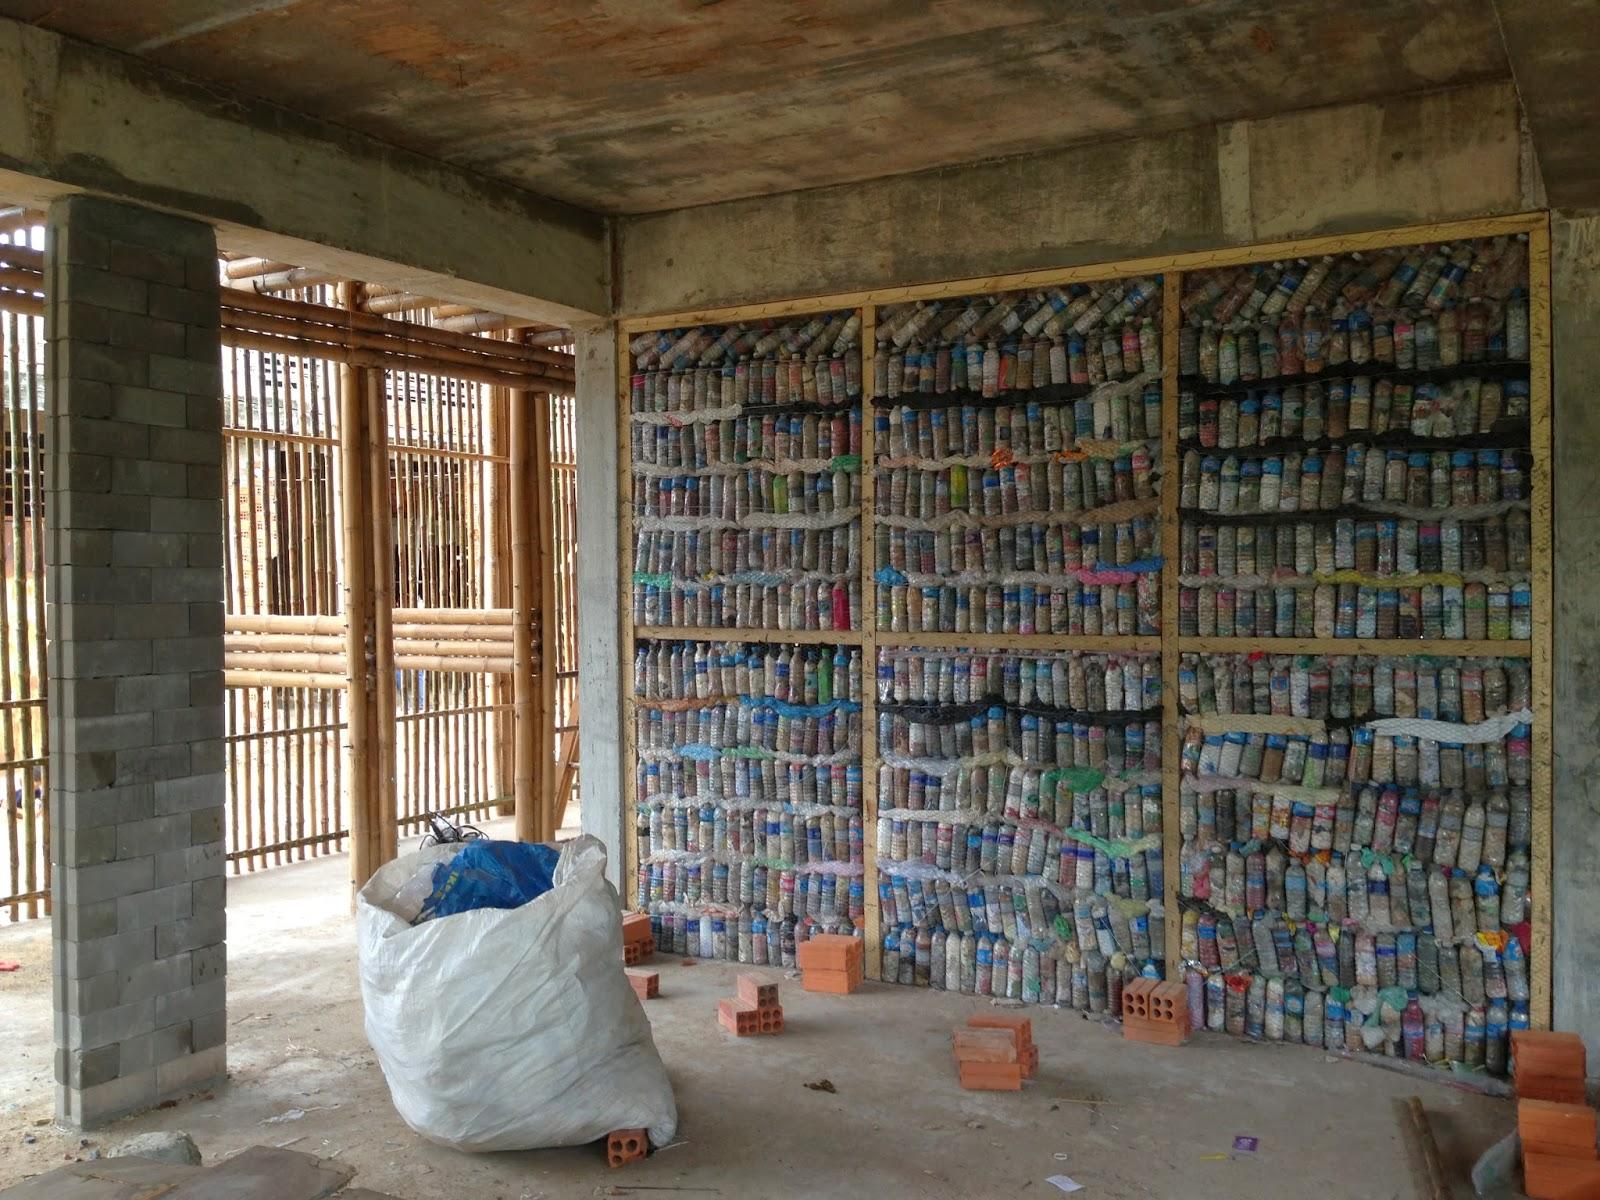 KOMITU: Building A Bottle Wall